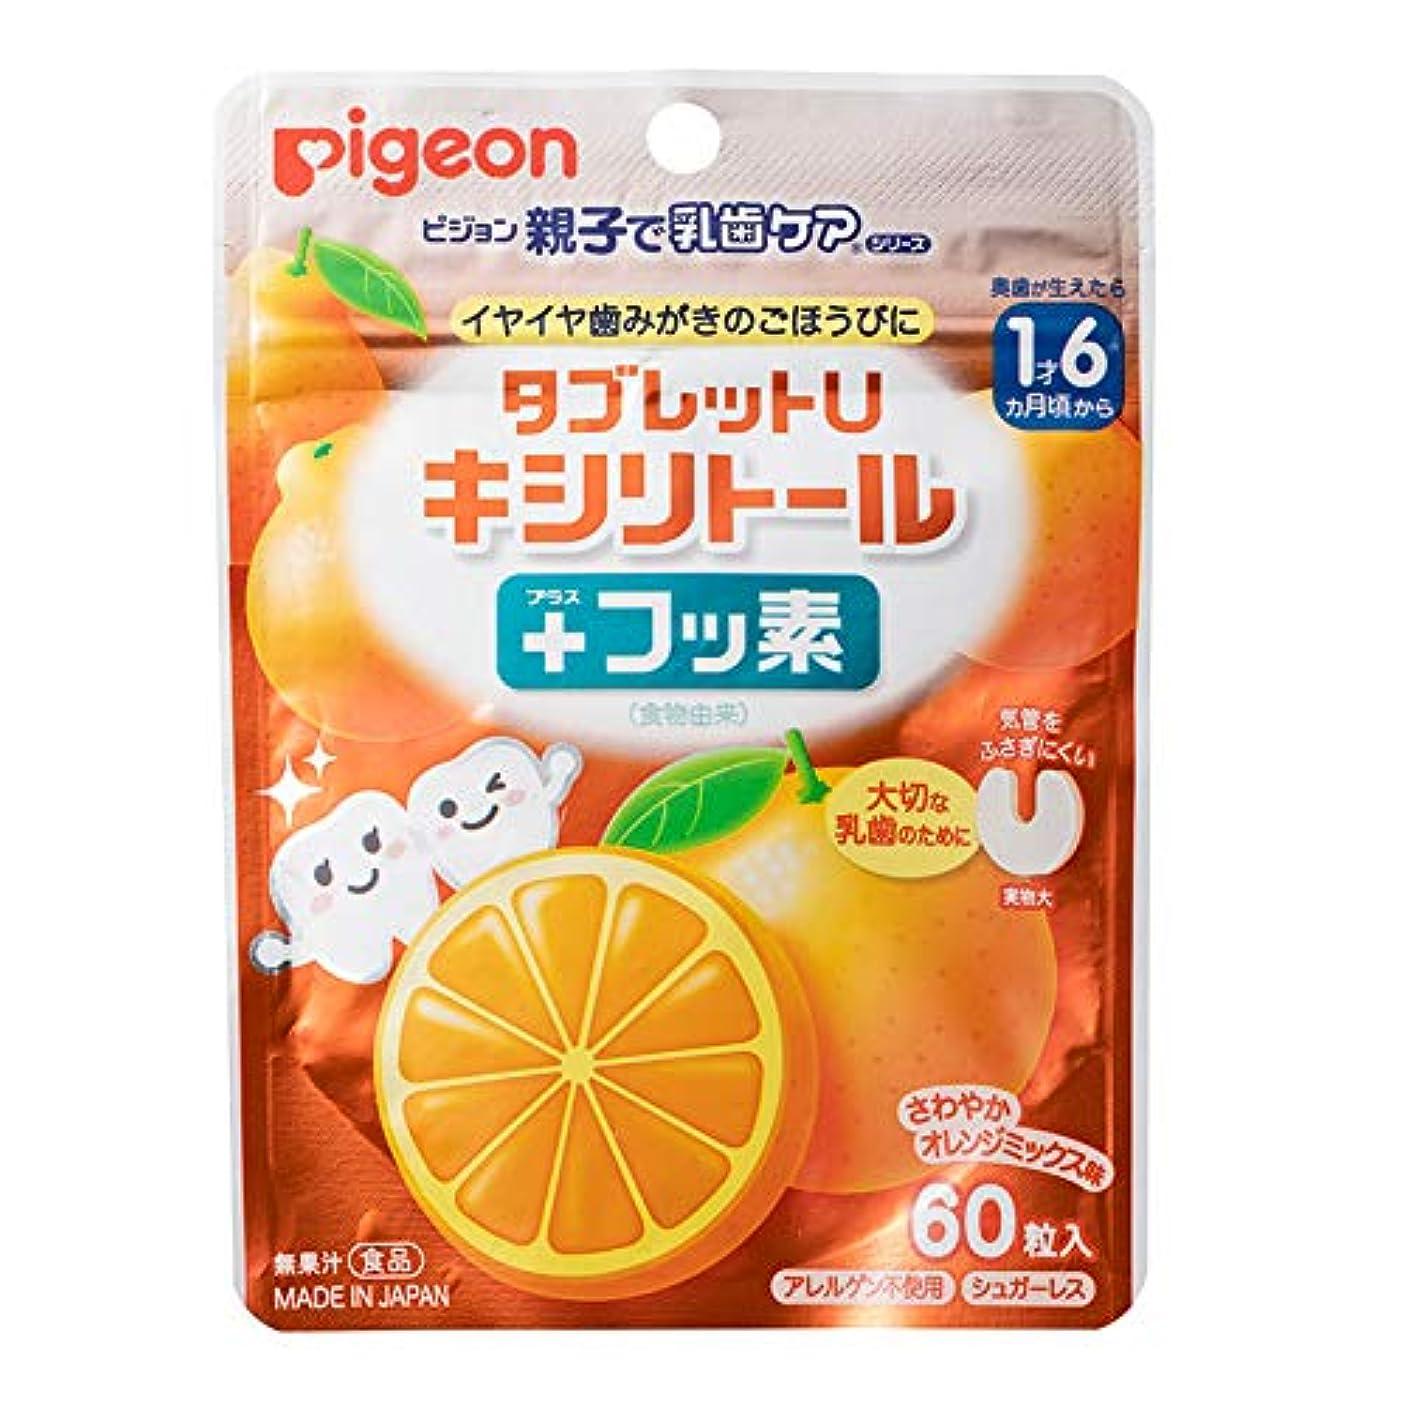 地震郵便物書誌ピジョン(Pigeon) タブレットUキシリトール+フッ素 オレンジミックス味60粒入 アレルゲン不使用 シュガーレス 【1歳6ヵ月頃から】